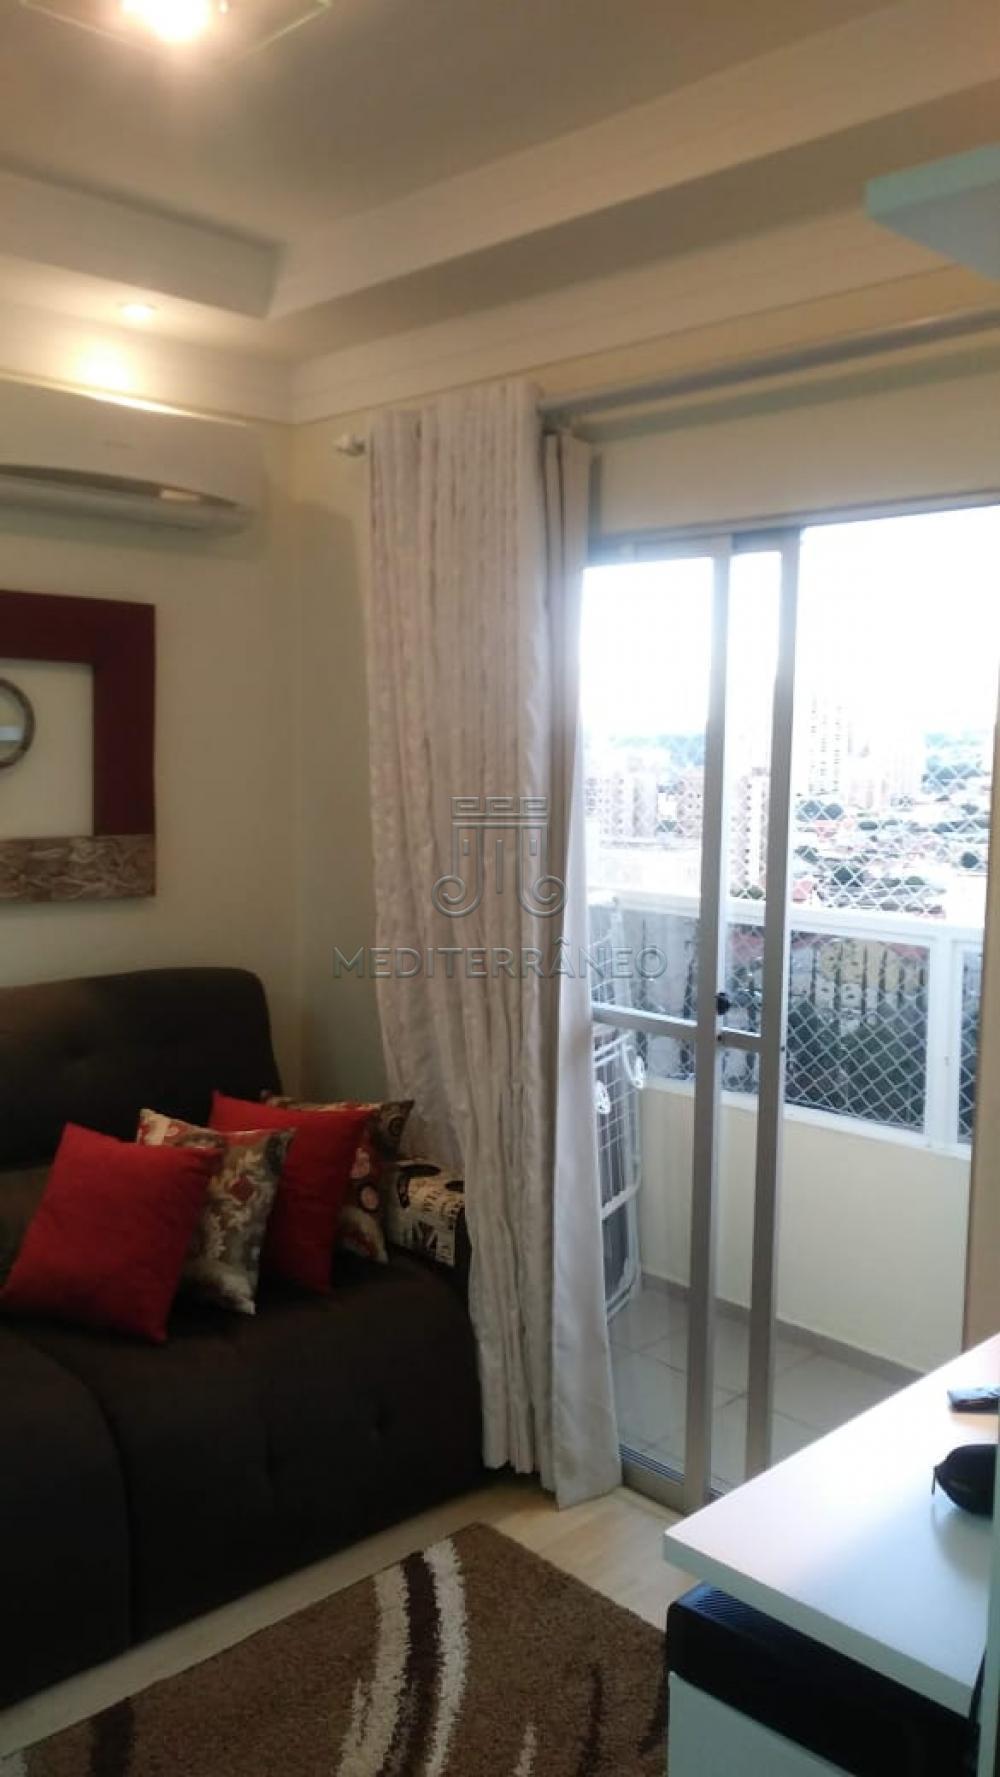 Comprar Apartamento / Padrão em Jundiaí apenas R$ 292.000,00 - Foto 2